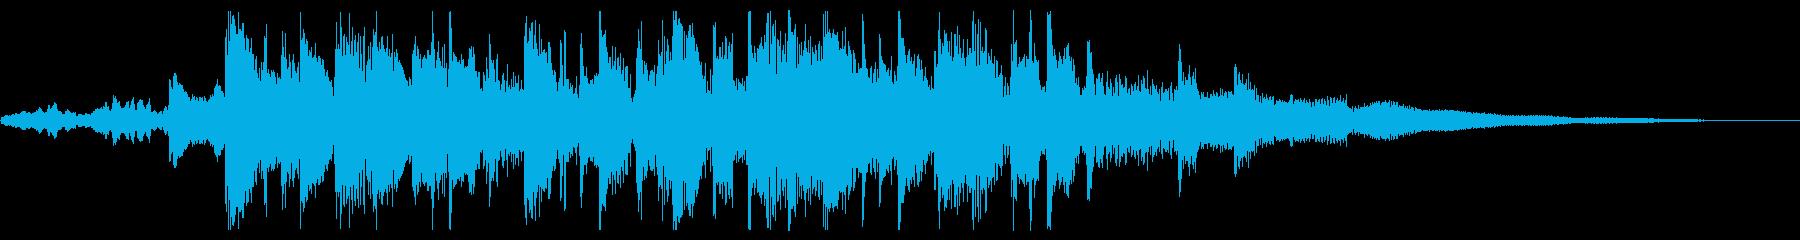 トロピカルハウスEDM♪ジングル♪夏映像の再生済みの波形